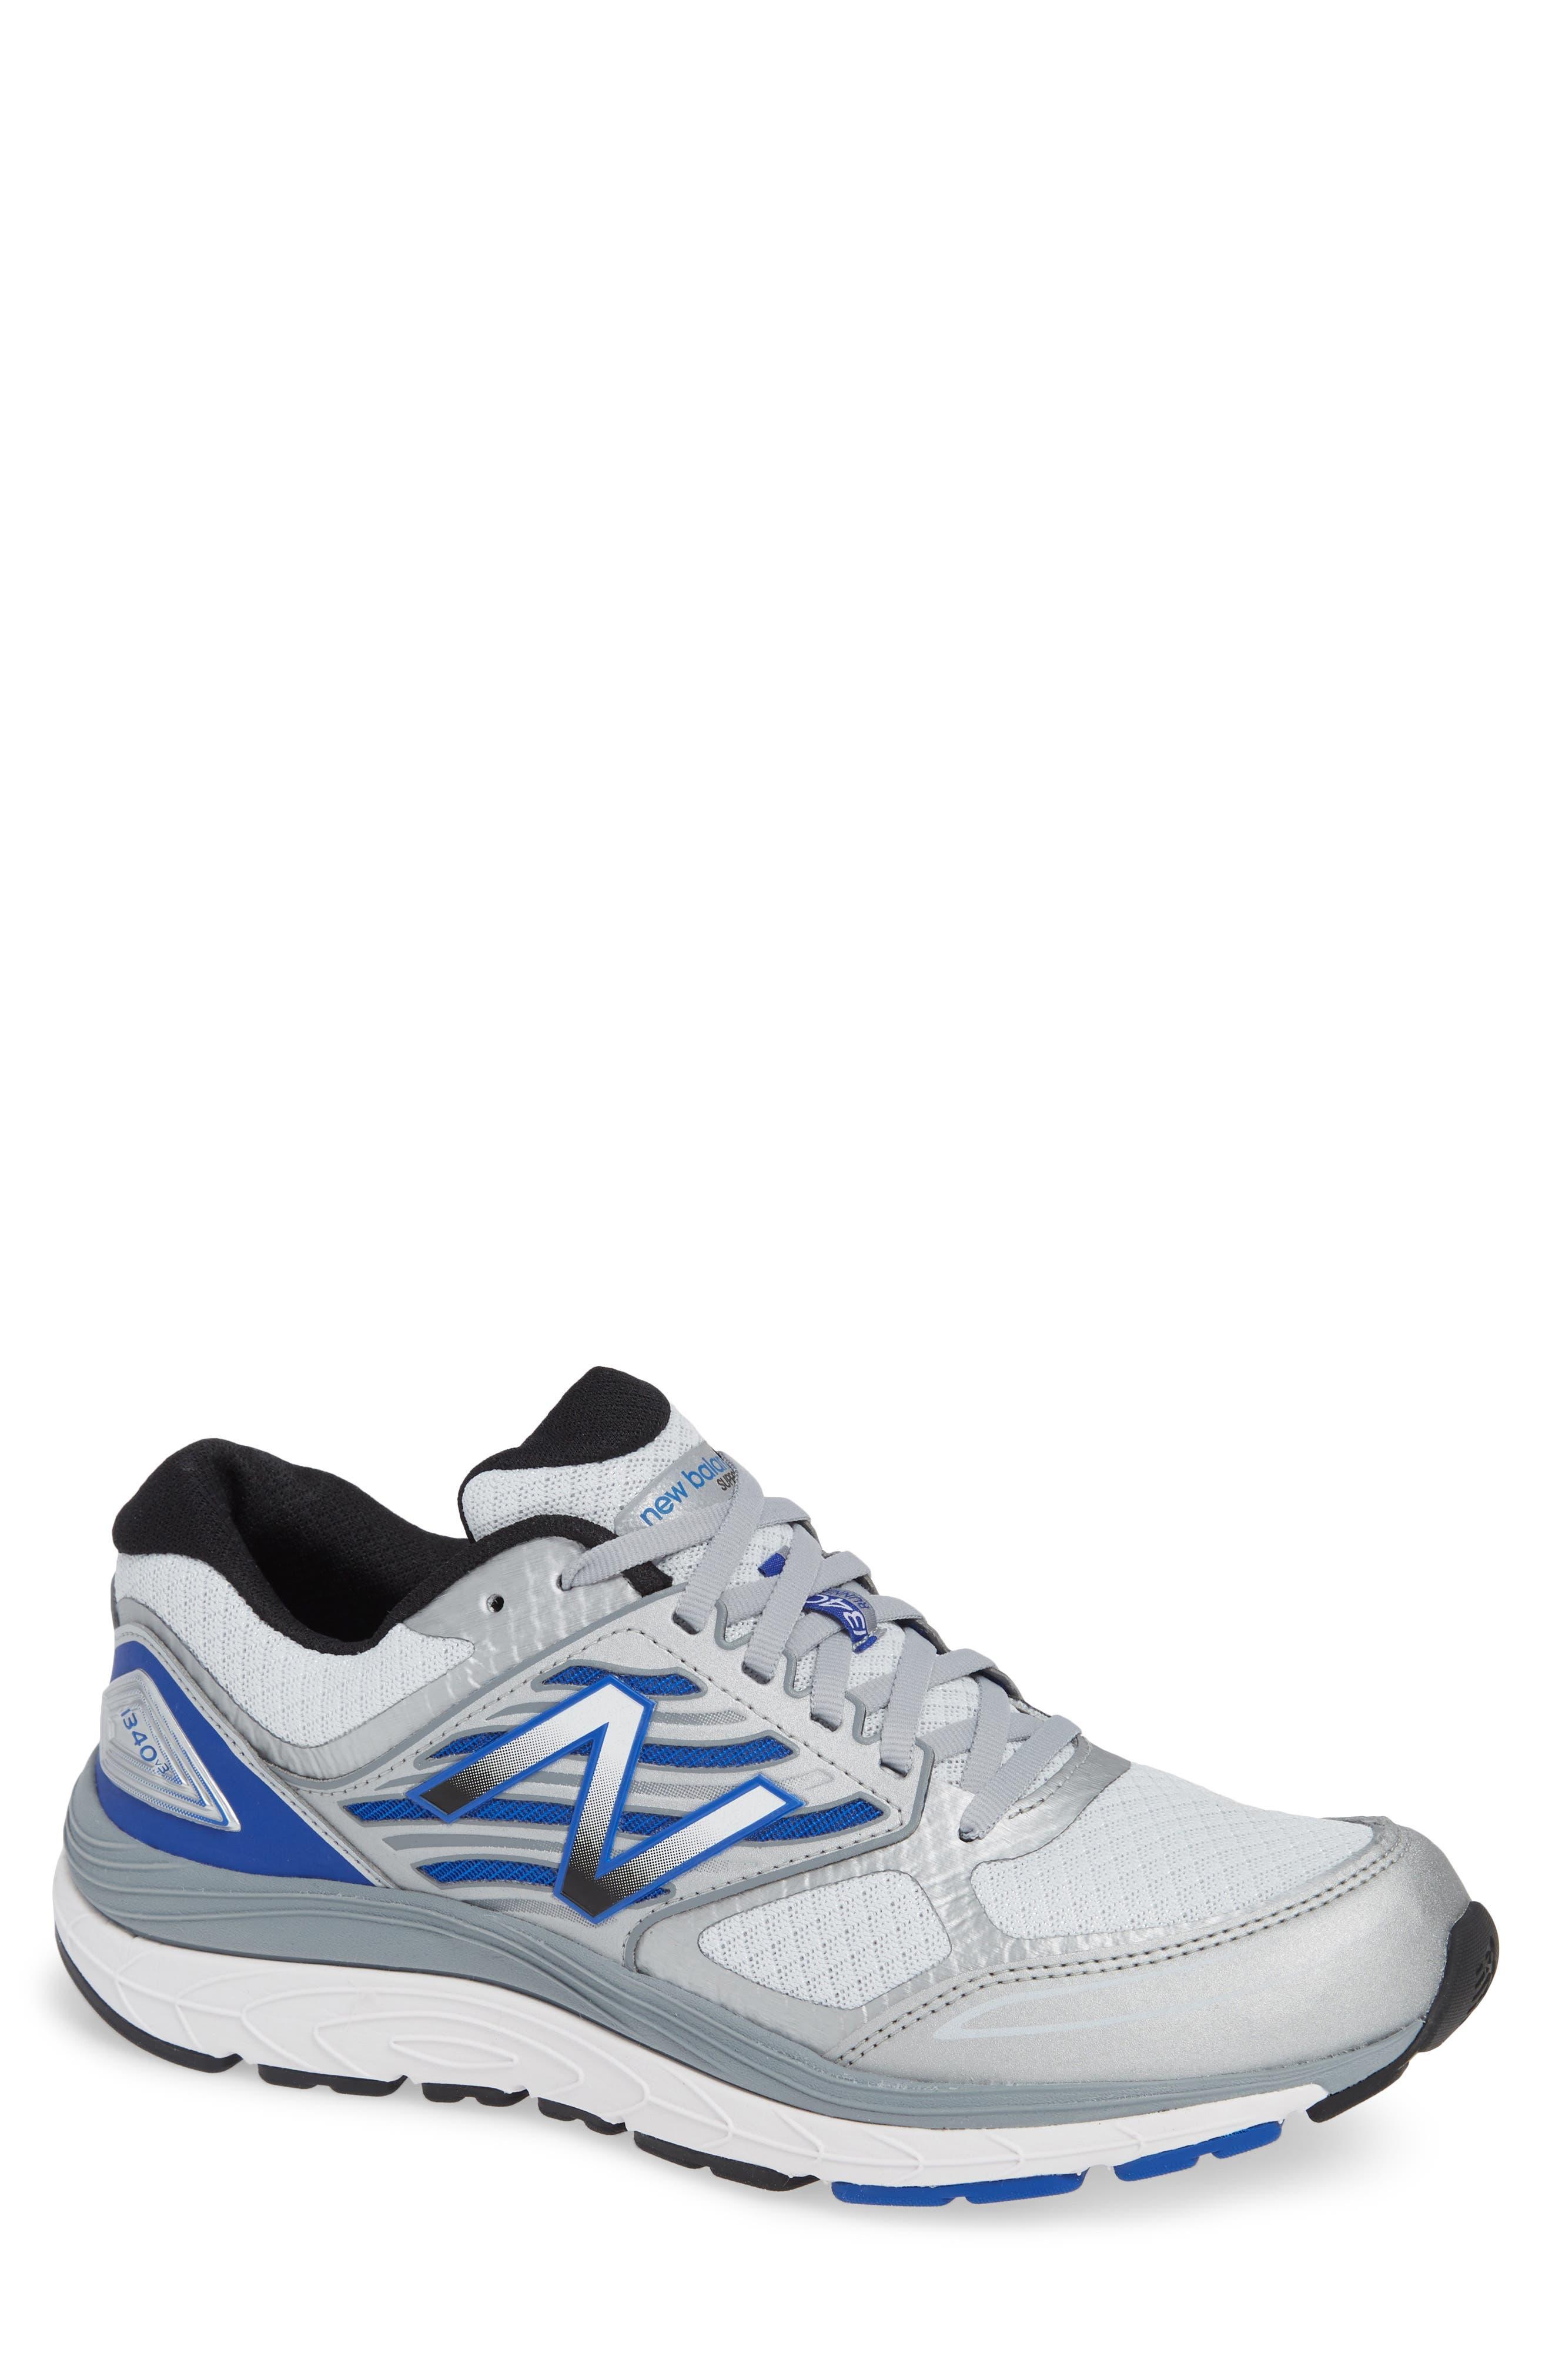 1340v3 Running Shoe,                         Main,                         color, WHITE